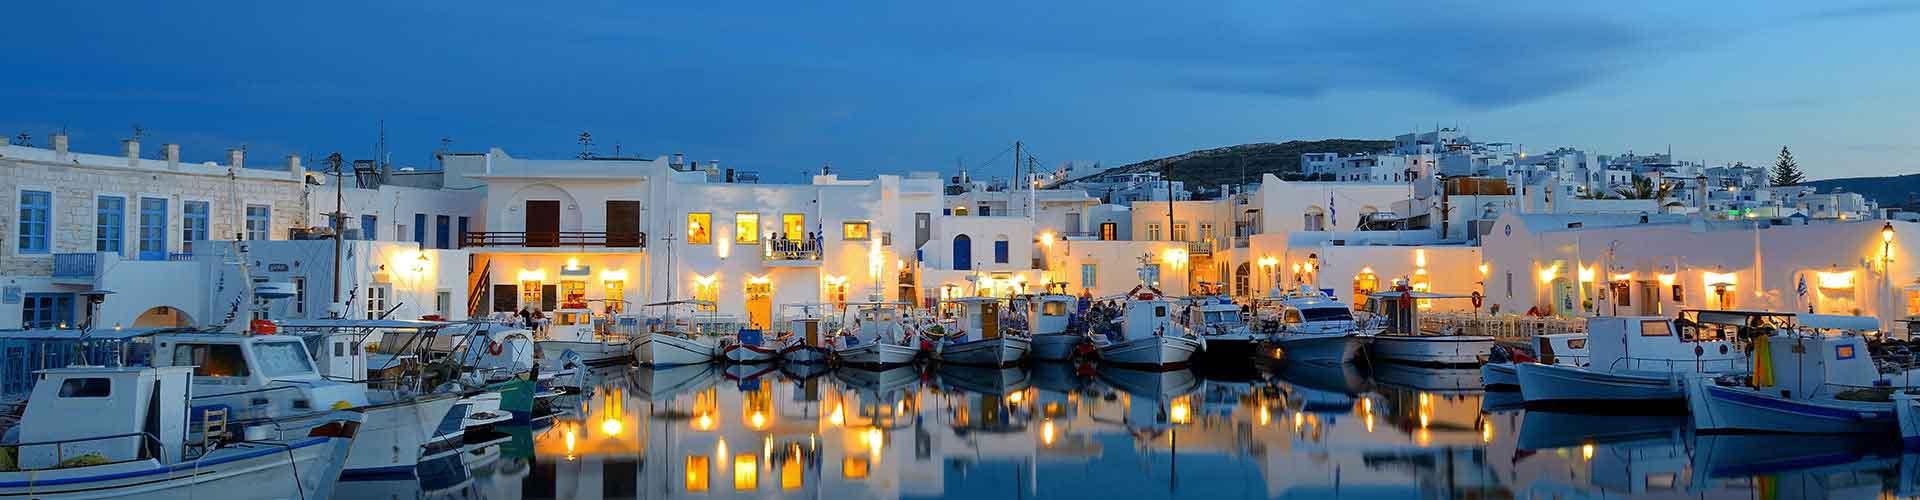 パロス島 – ホテル パロス島. 地図 パロス島, すべてのホテルの写真とレビュー パロス島.